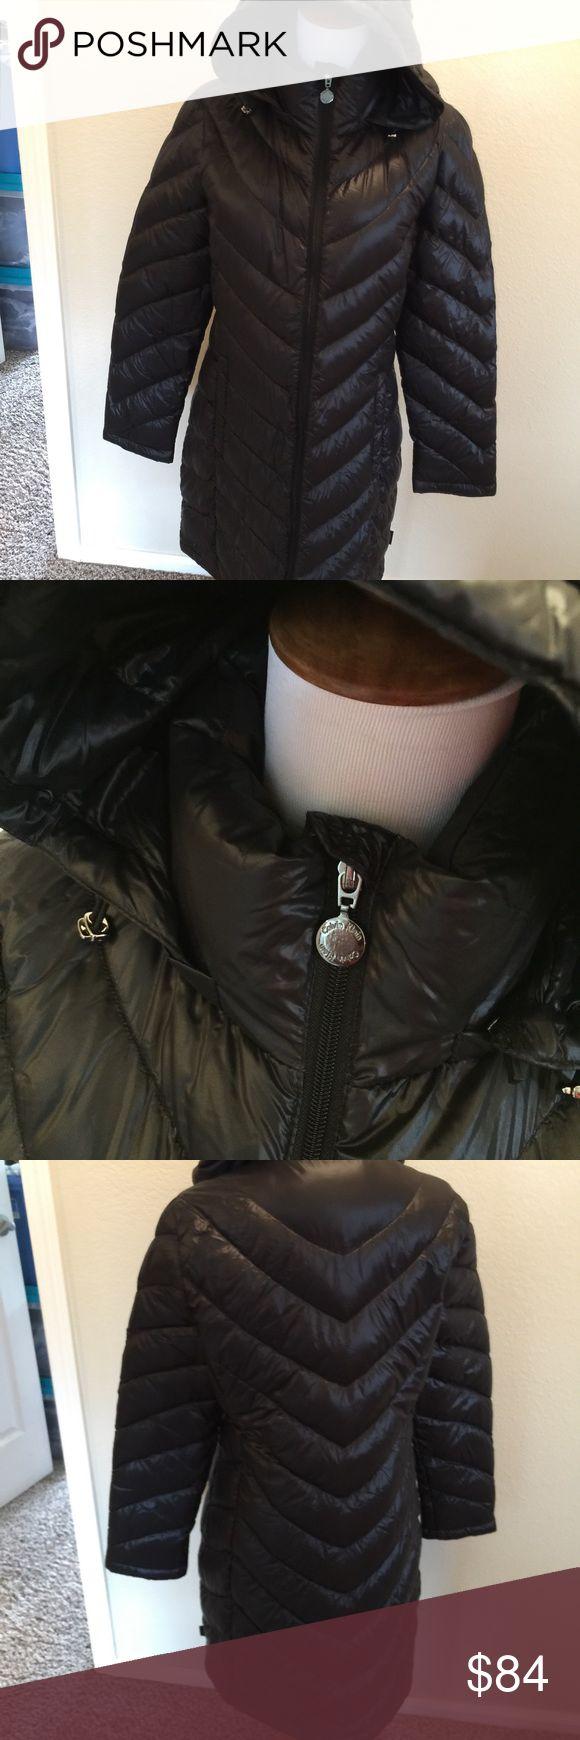 """Calvin Klein black down packable coat M Black nylon packable long coat  Size M Down Center back length 35"""" Calvin Klein Jackets & Coats Puffers"""